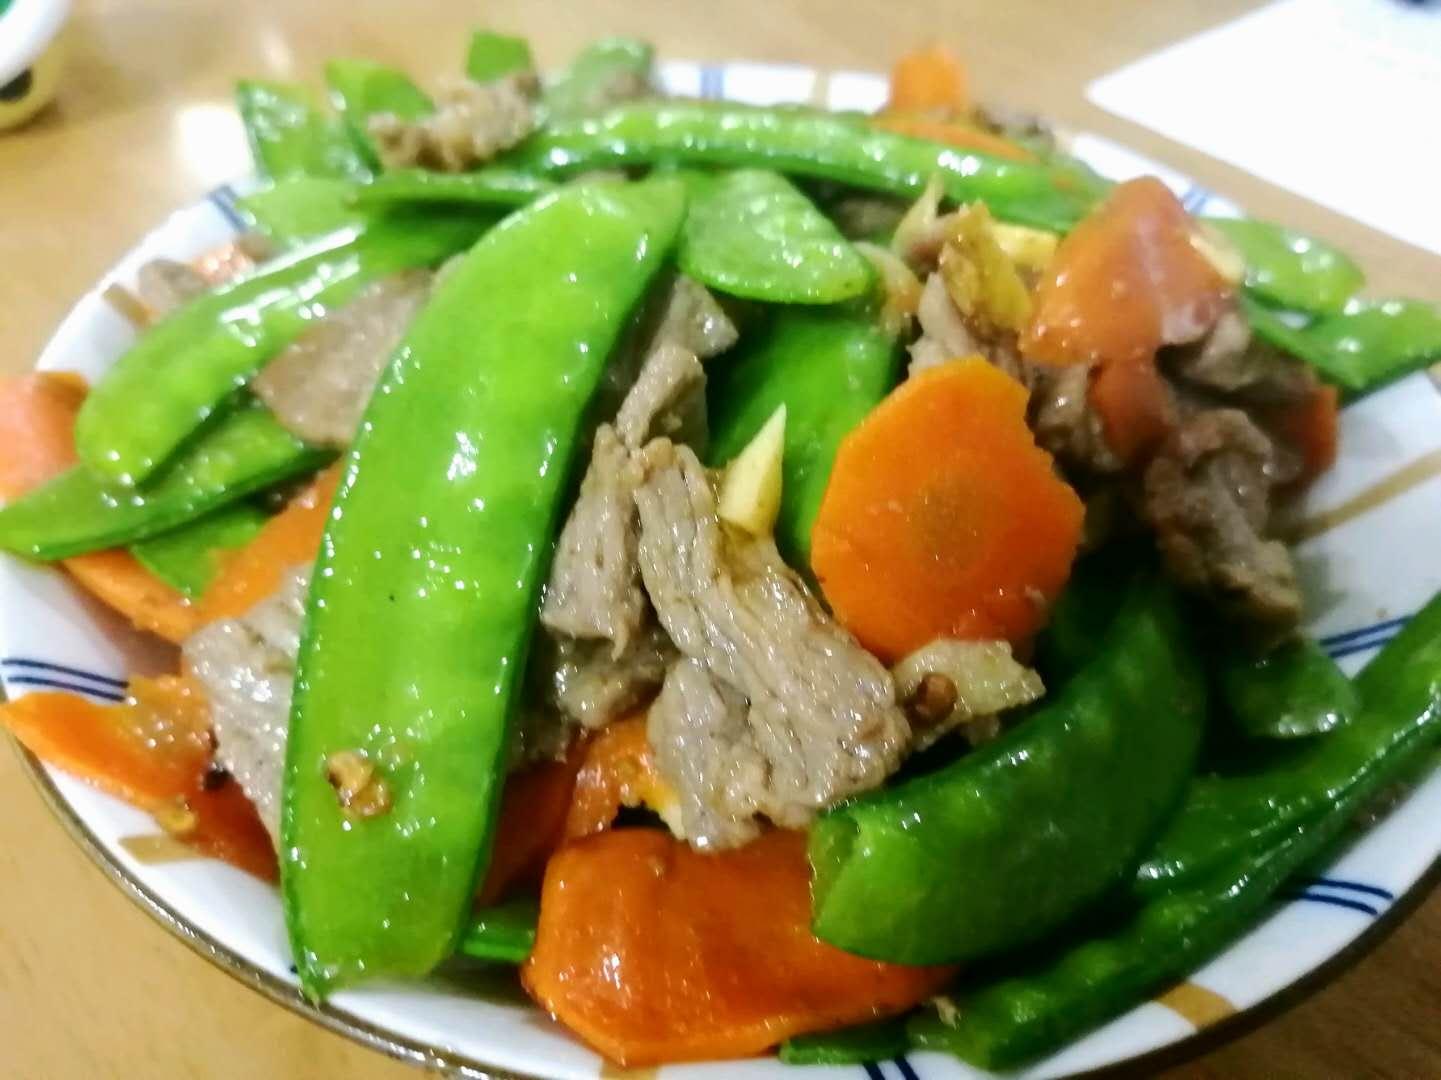 荷兰豆配牛肉、胡萝卜炒,色香味俱全,口感超级棒,小孩特别爱吃